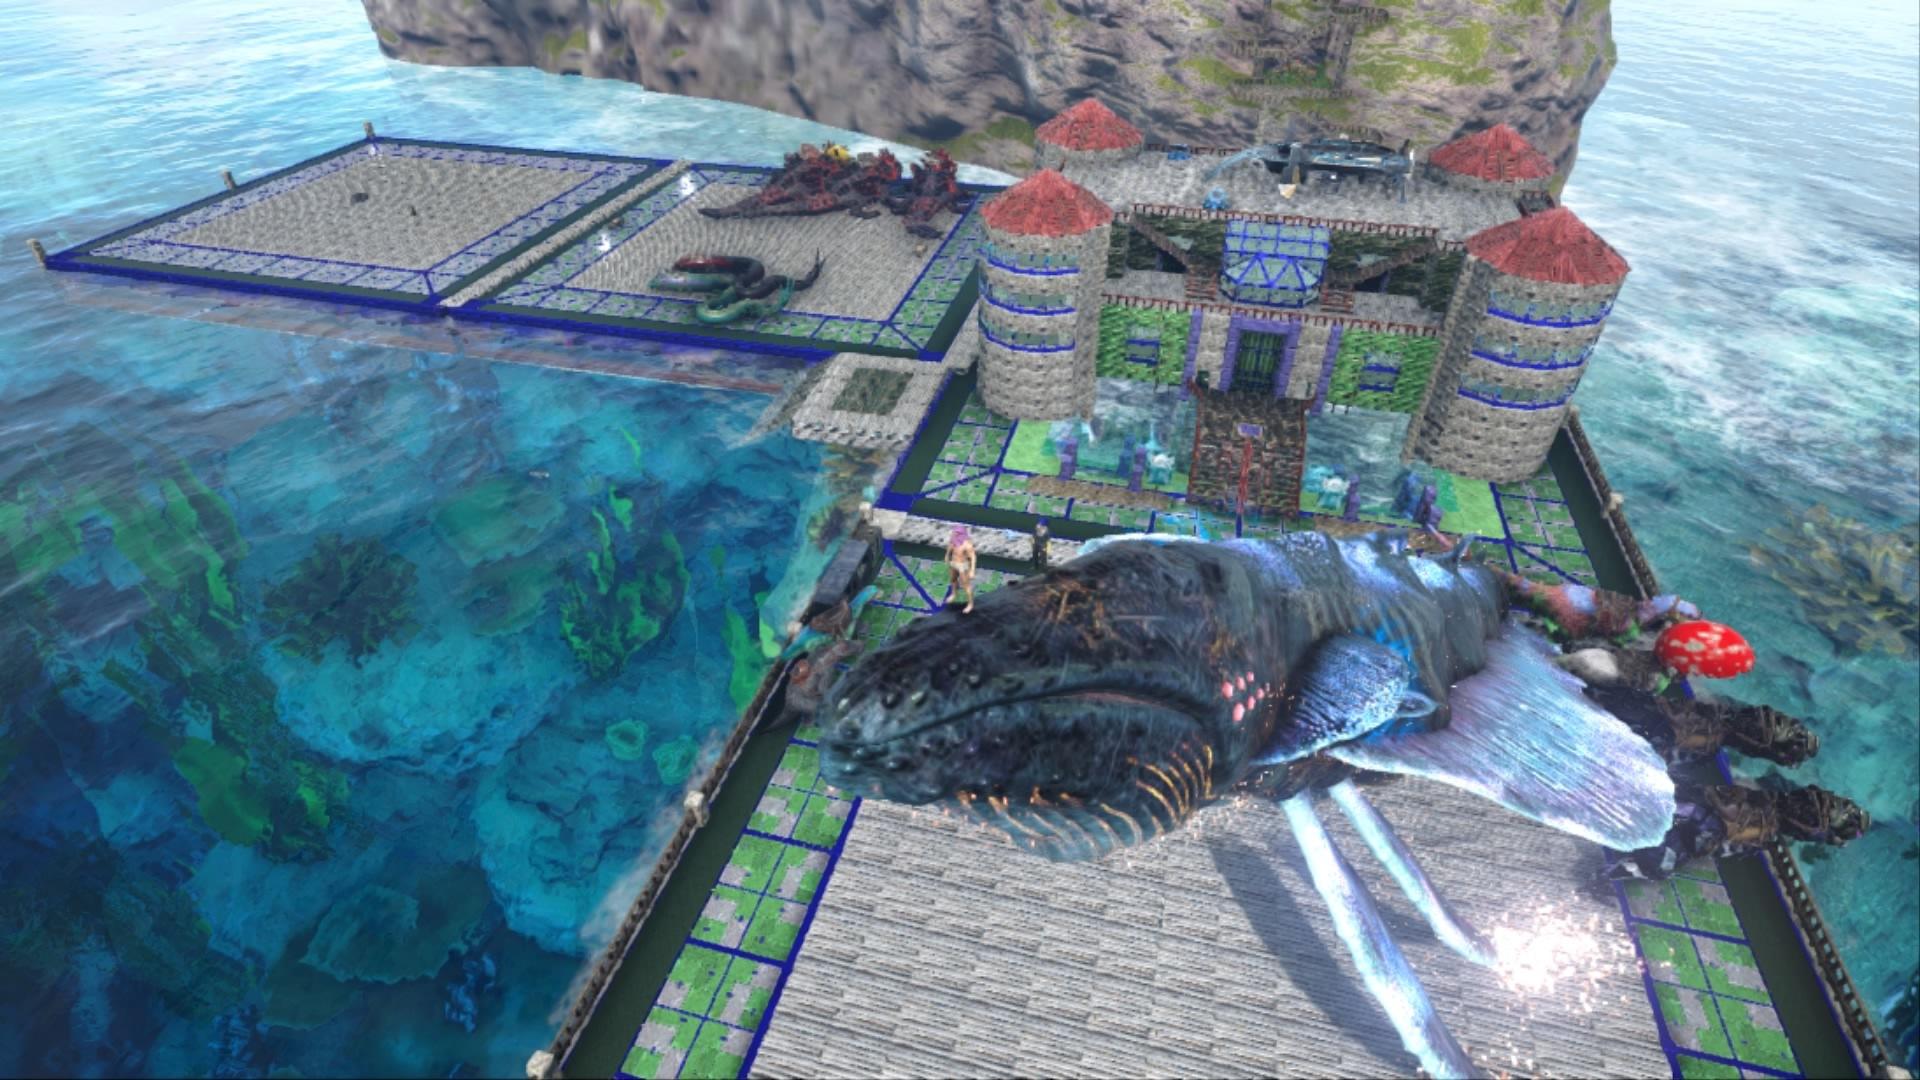 Ark ジェネシス 恐竜 【ARK】ジェネシス攻略|素材の採取場所一覧